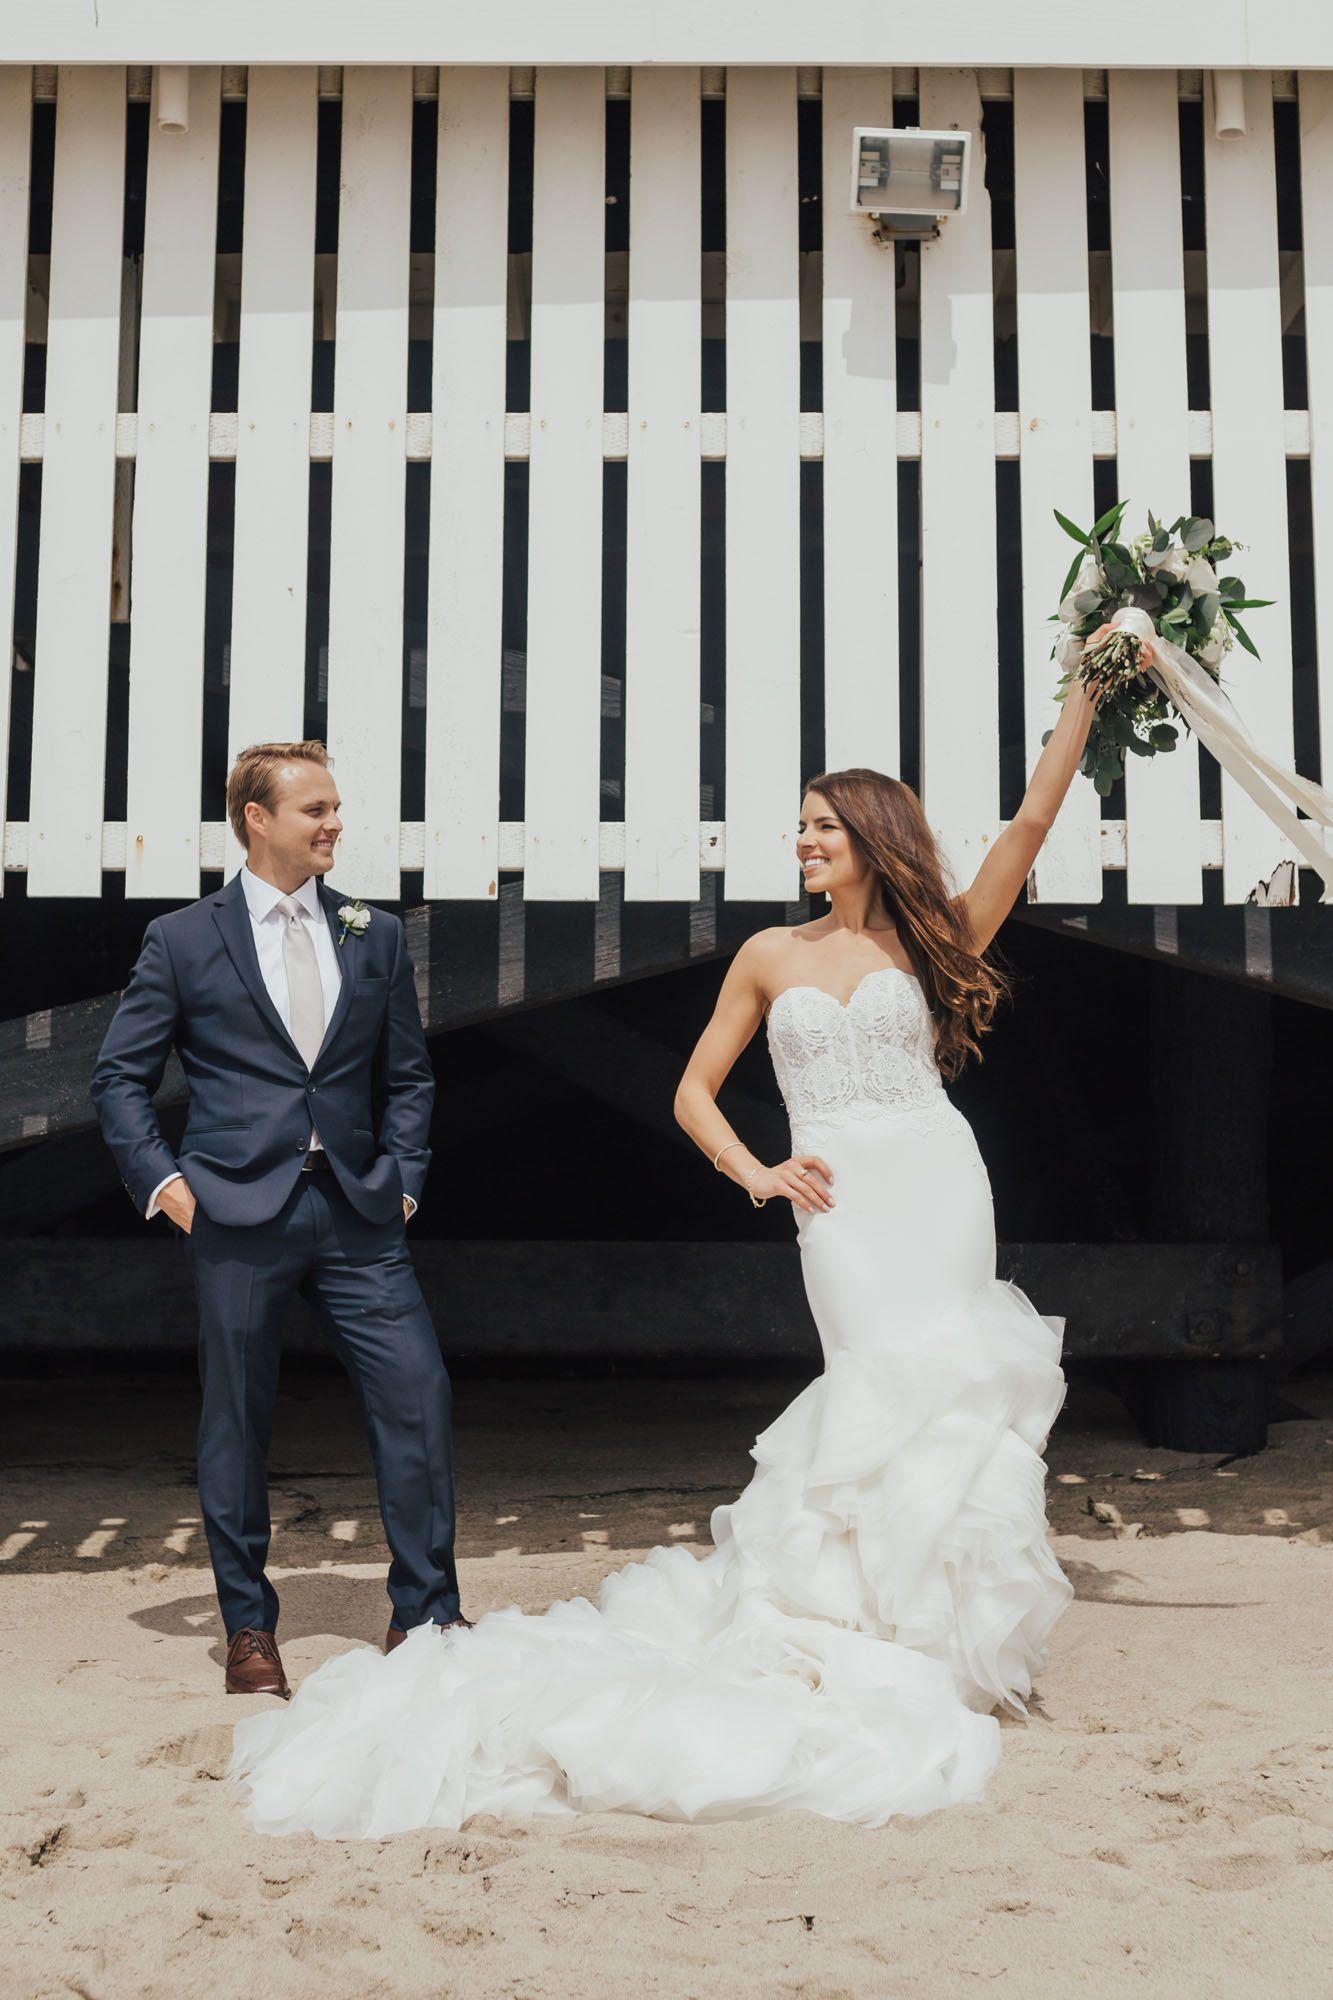 Calamigos Ranch Wedding photos Bride, groom images